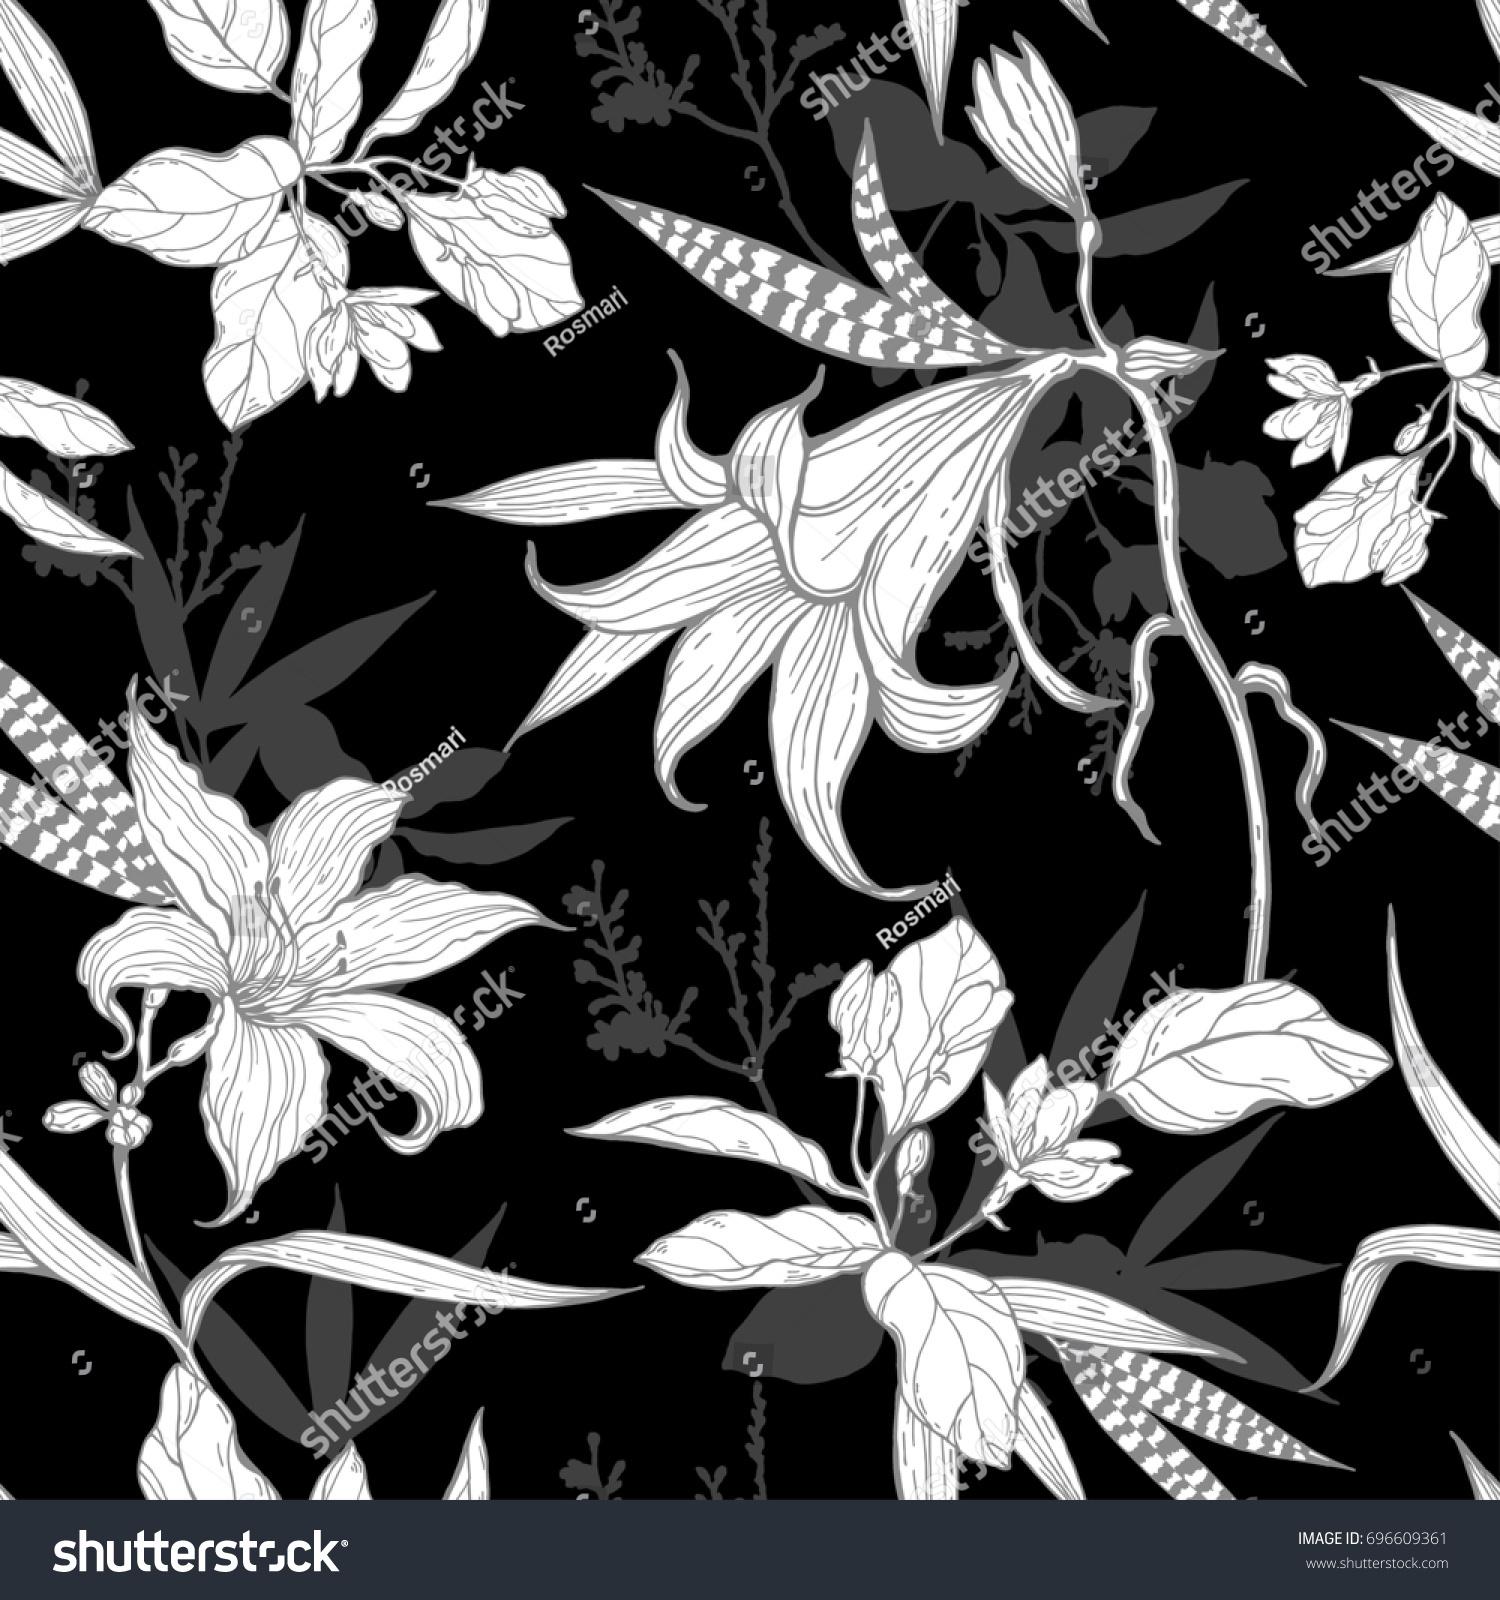 Black White Flowers Pattern On Black Stock Illustration 696609361